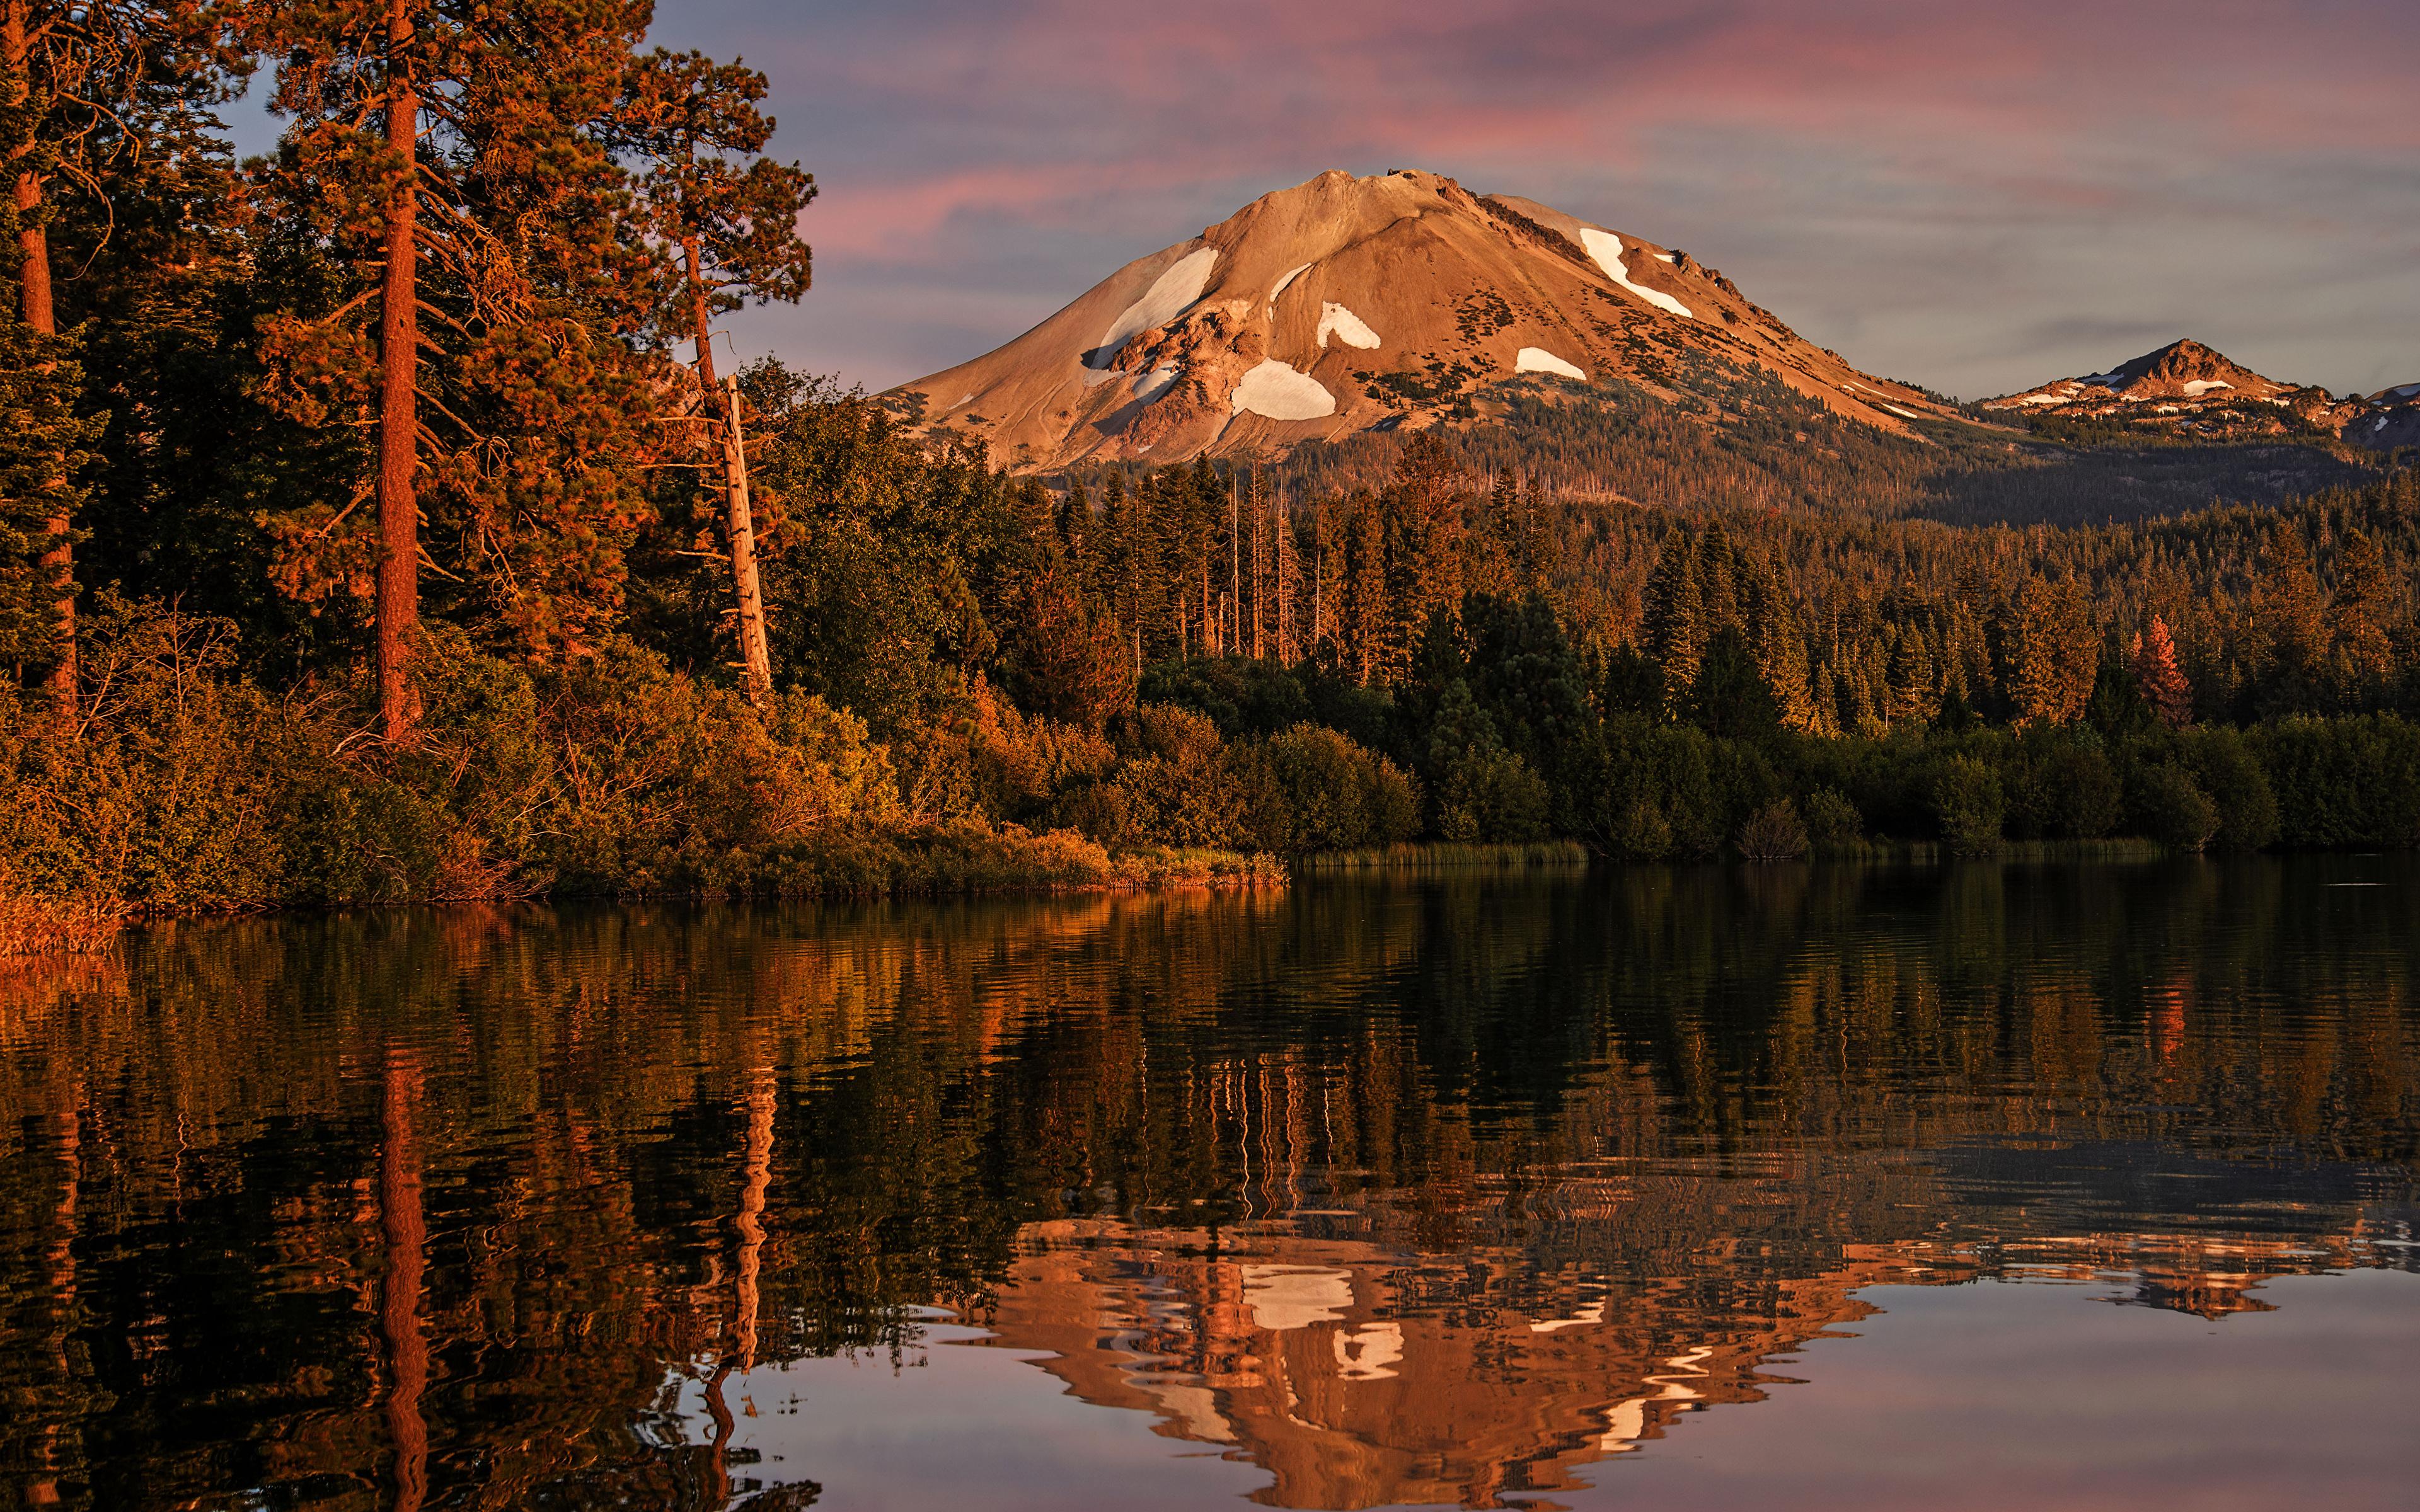 Фотография штаты Lake Manzanita Lassen Volcanic National Park Горы Природа осенние парк Леса Озеро отражается 3840x2400 США америка гора Осень лес Парки Отражение отражении